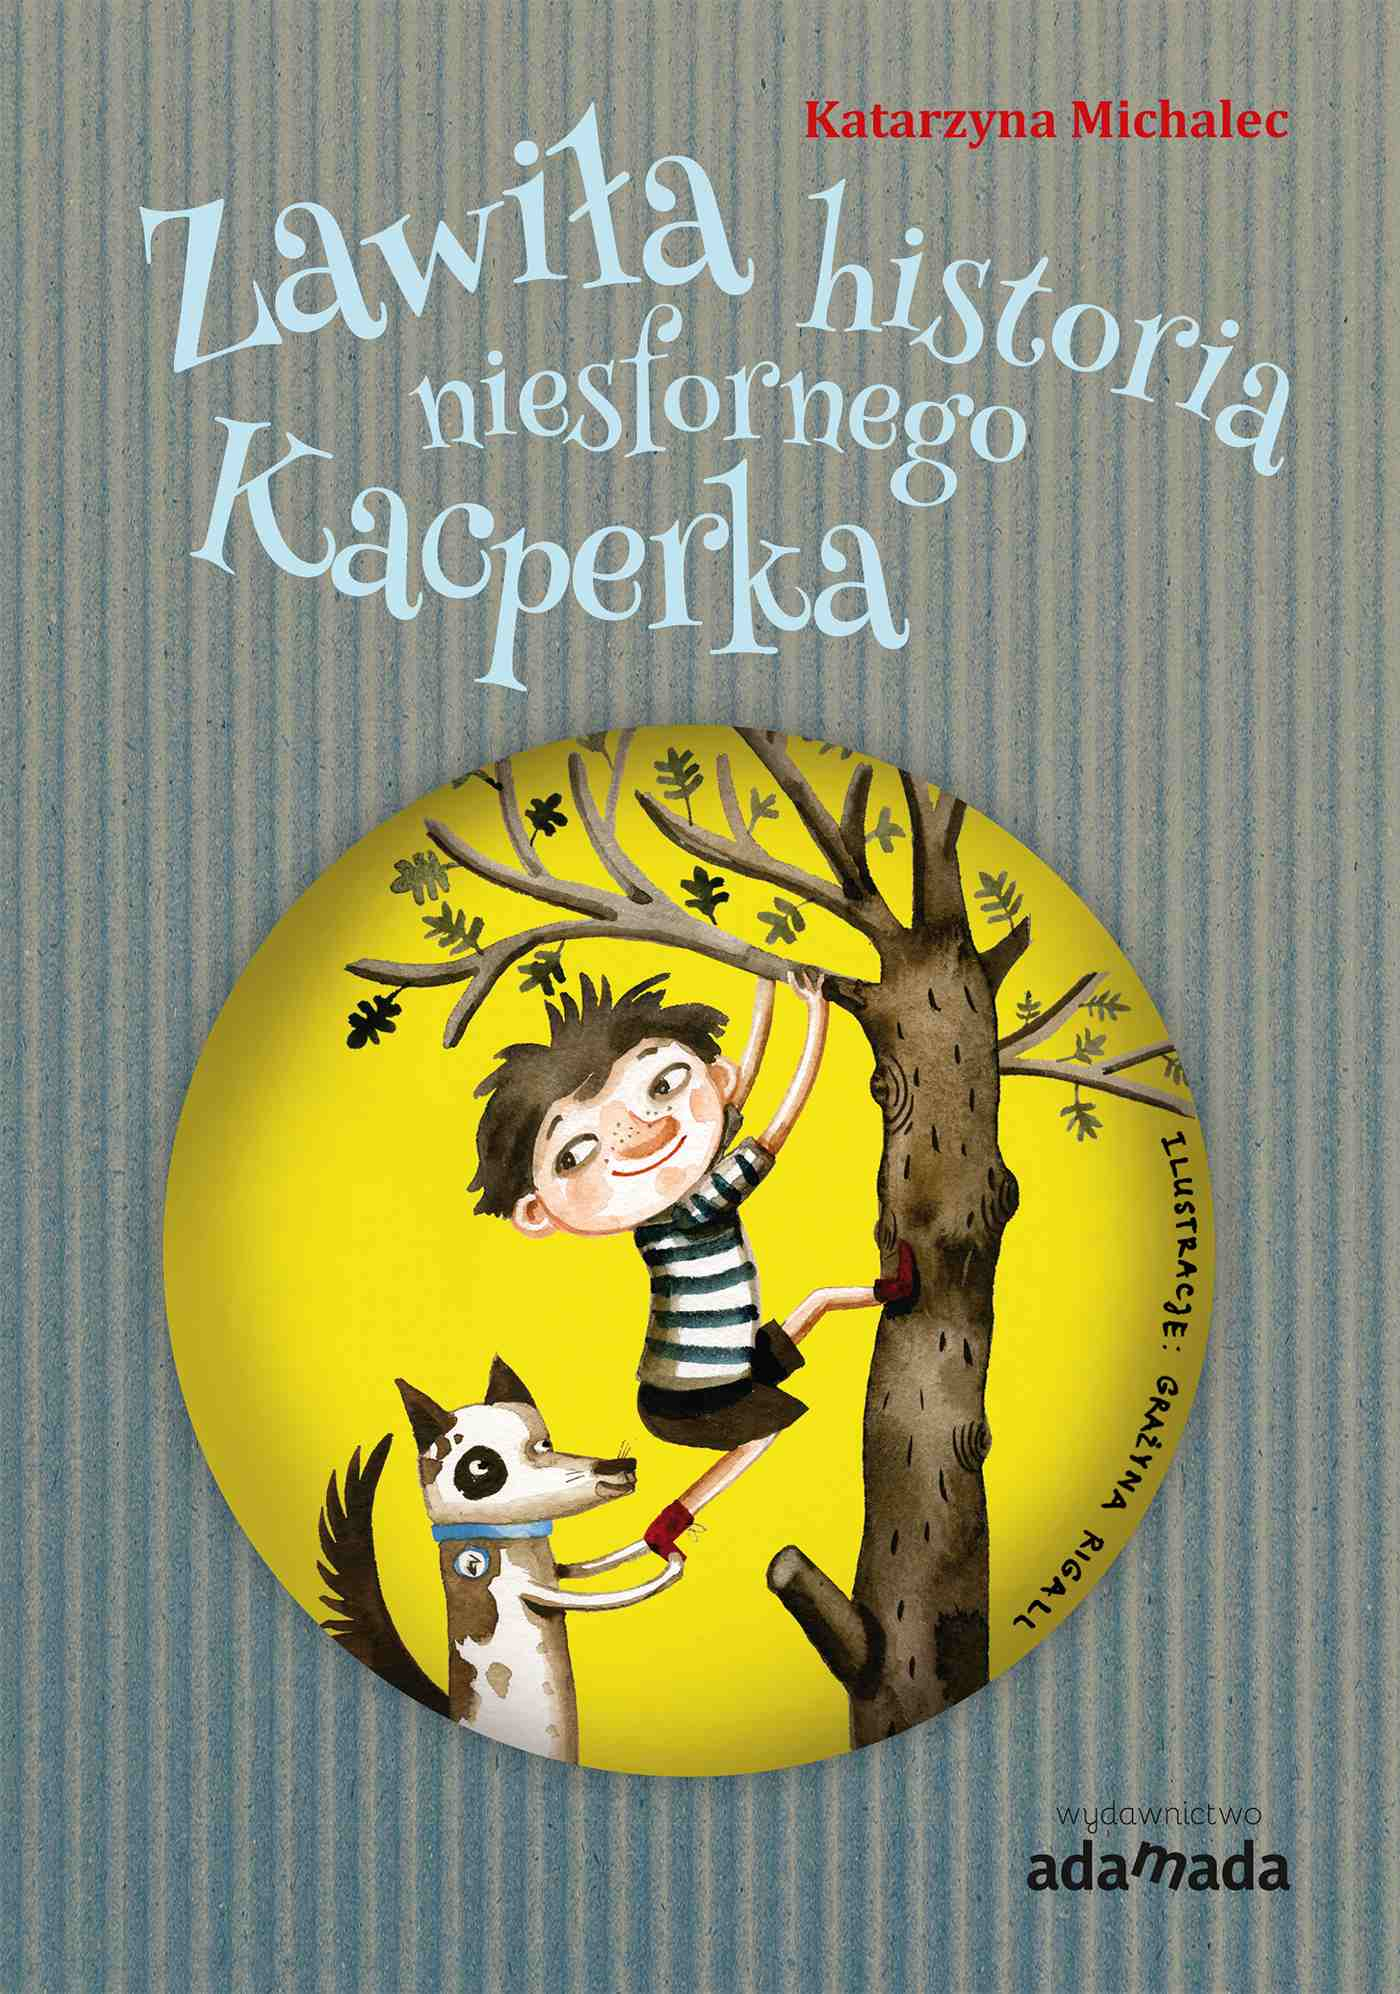 Zawiła historia niesfornego Kacperka - Ebook (Książka na Kindle) do pobrania w formacie MOBI